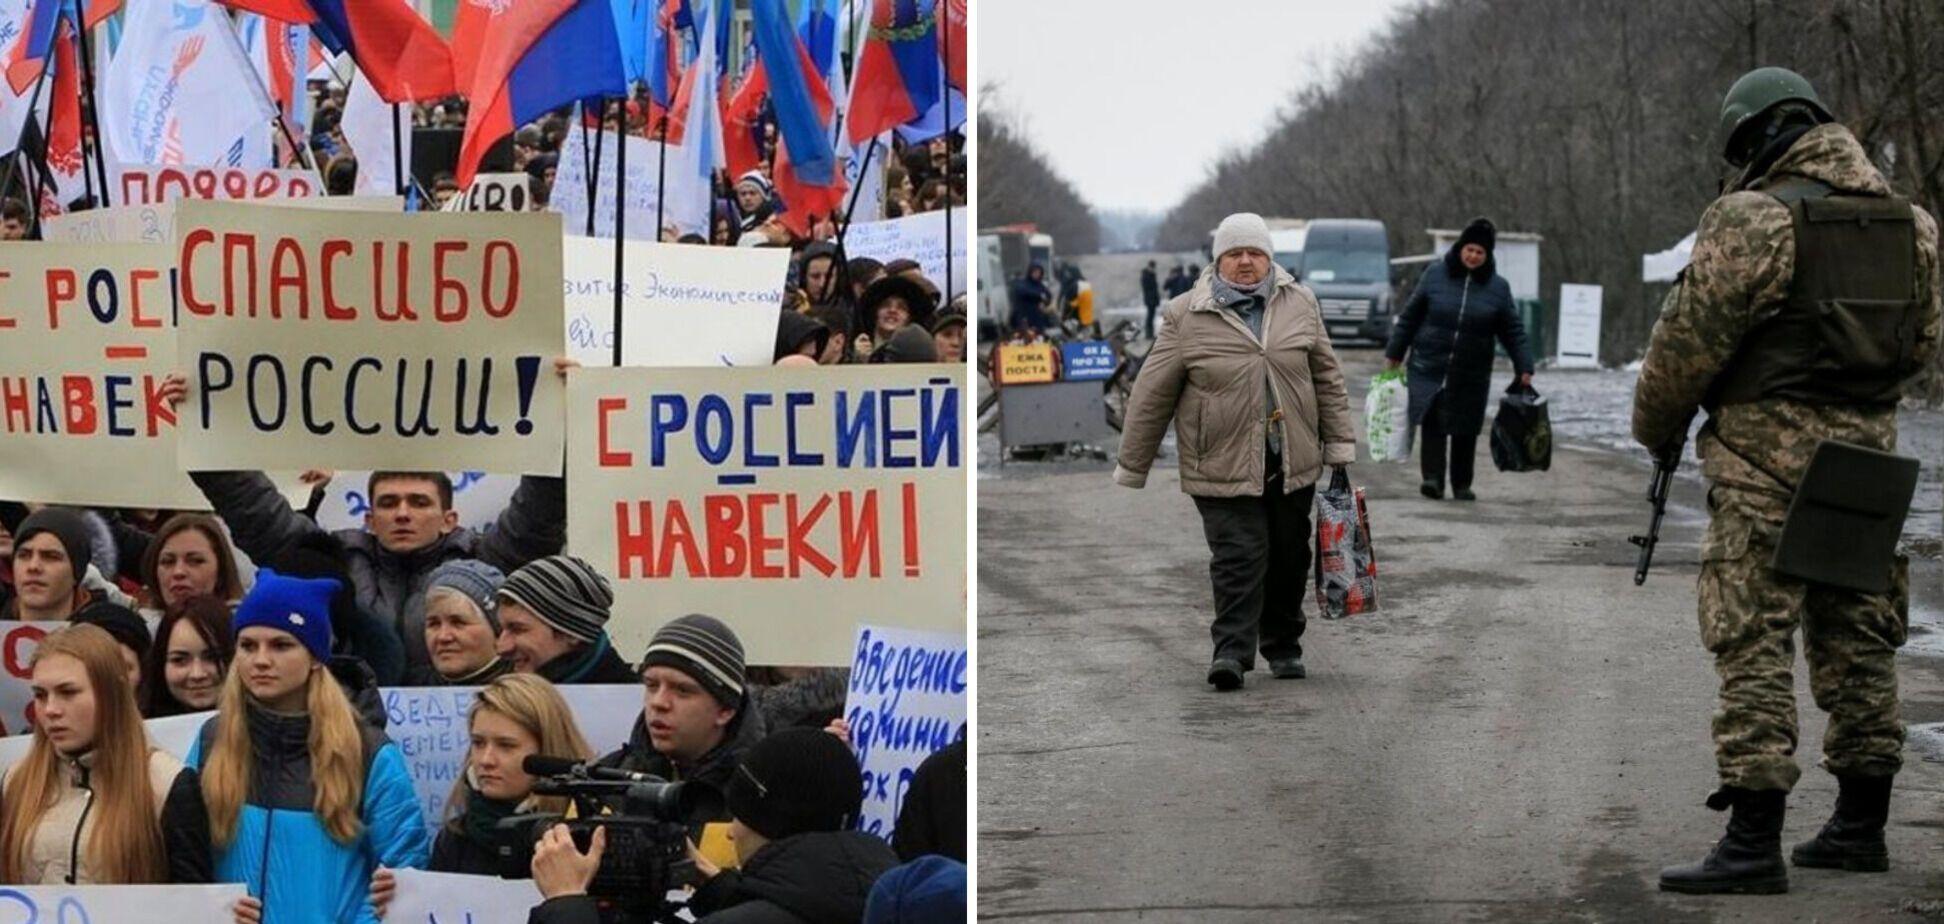 Реінтеграція Донбасу: за чий рахунок відновлювати зруйноване?